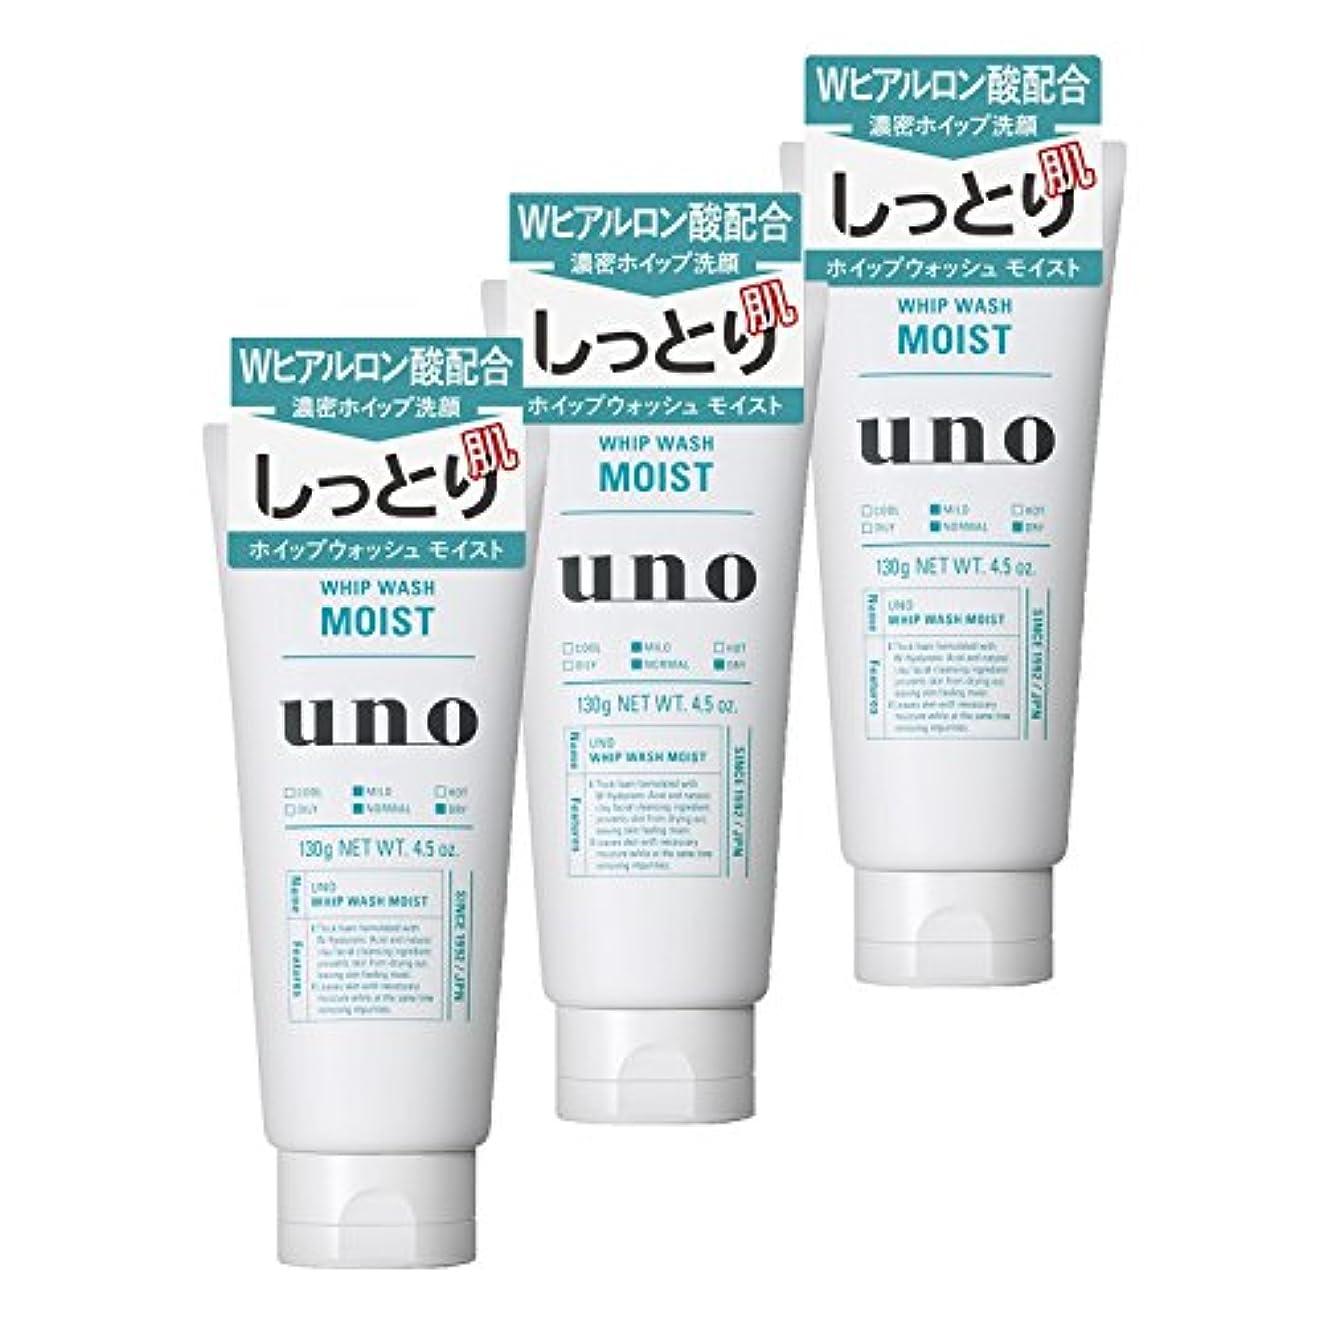 悪行包帯バルク【まとめ買い】 ウーノ (uno) ホイップウォッシュ (モイスト) 洗顔料 130g×3個